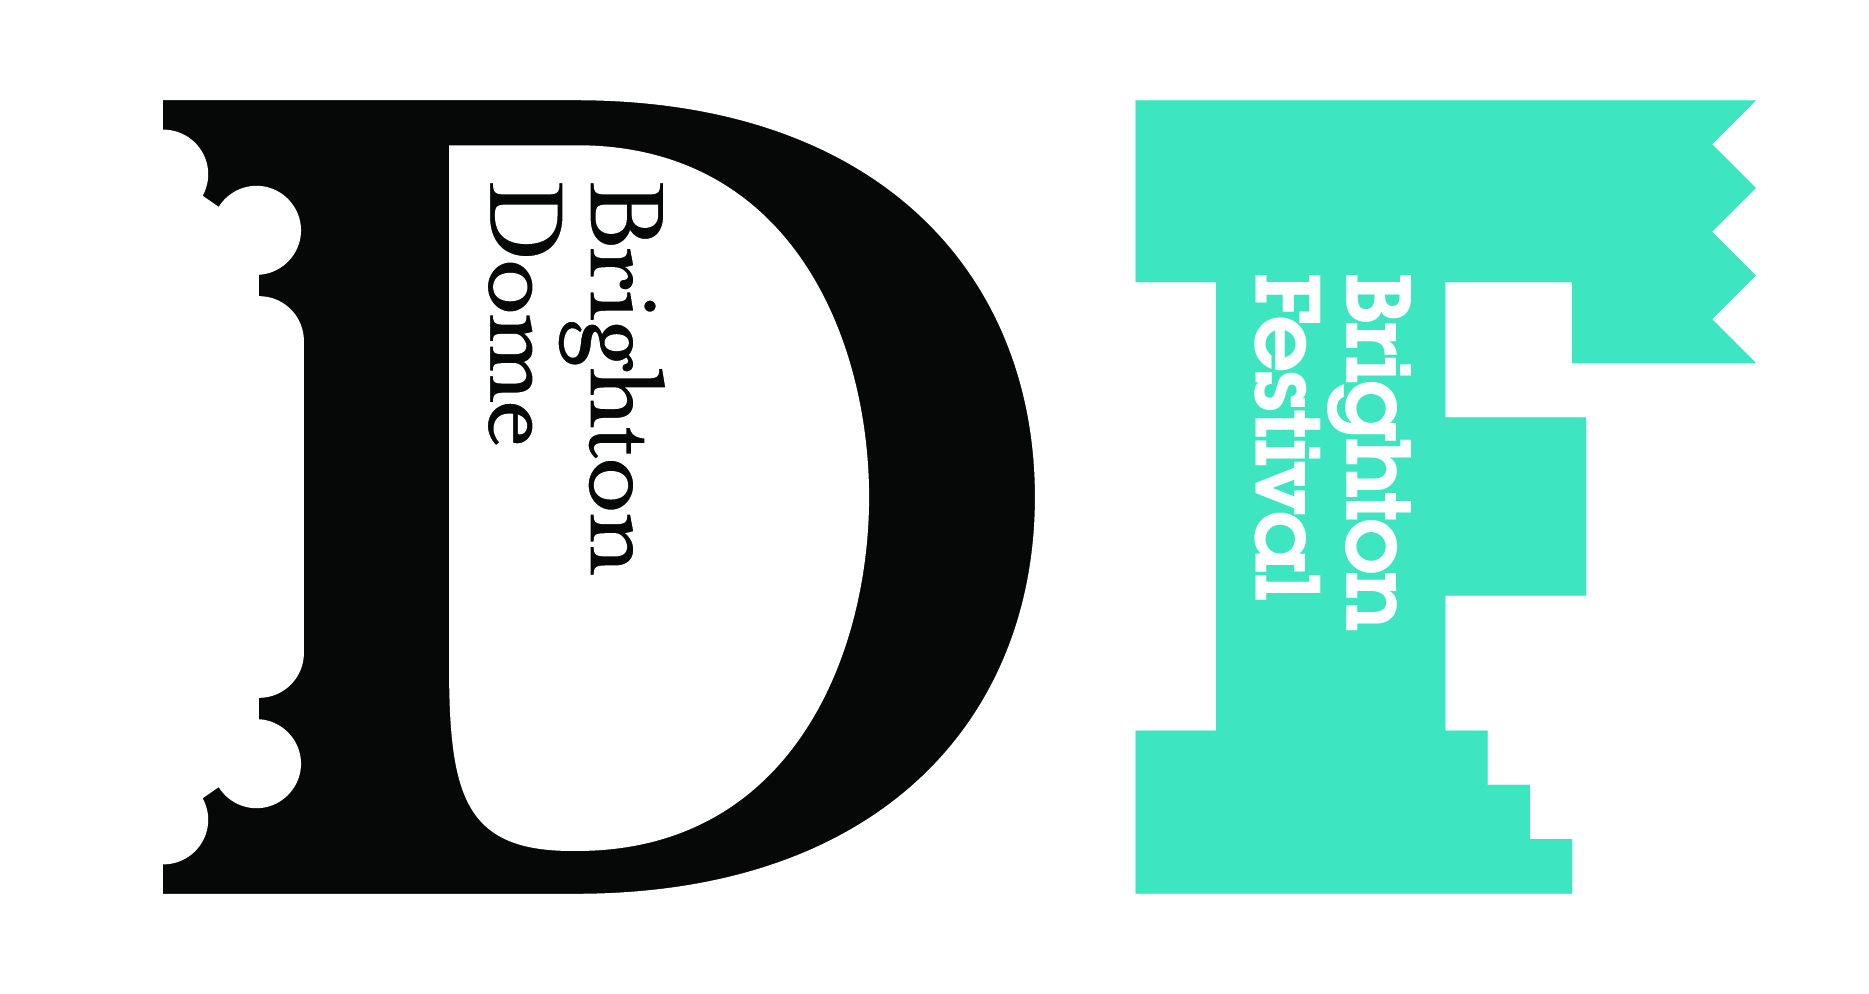 Brighton Dome & Festival